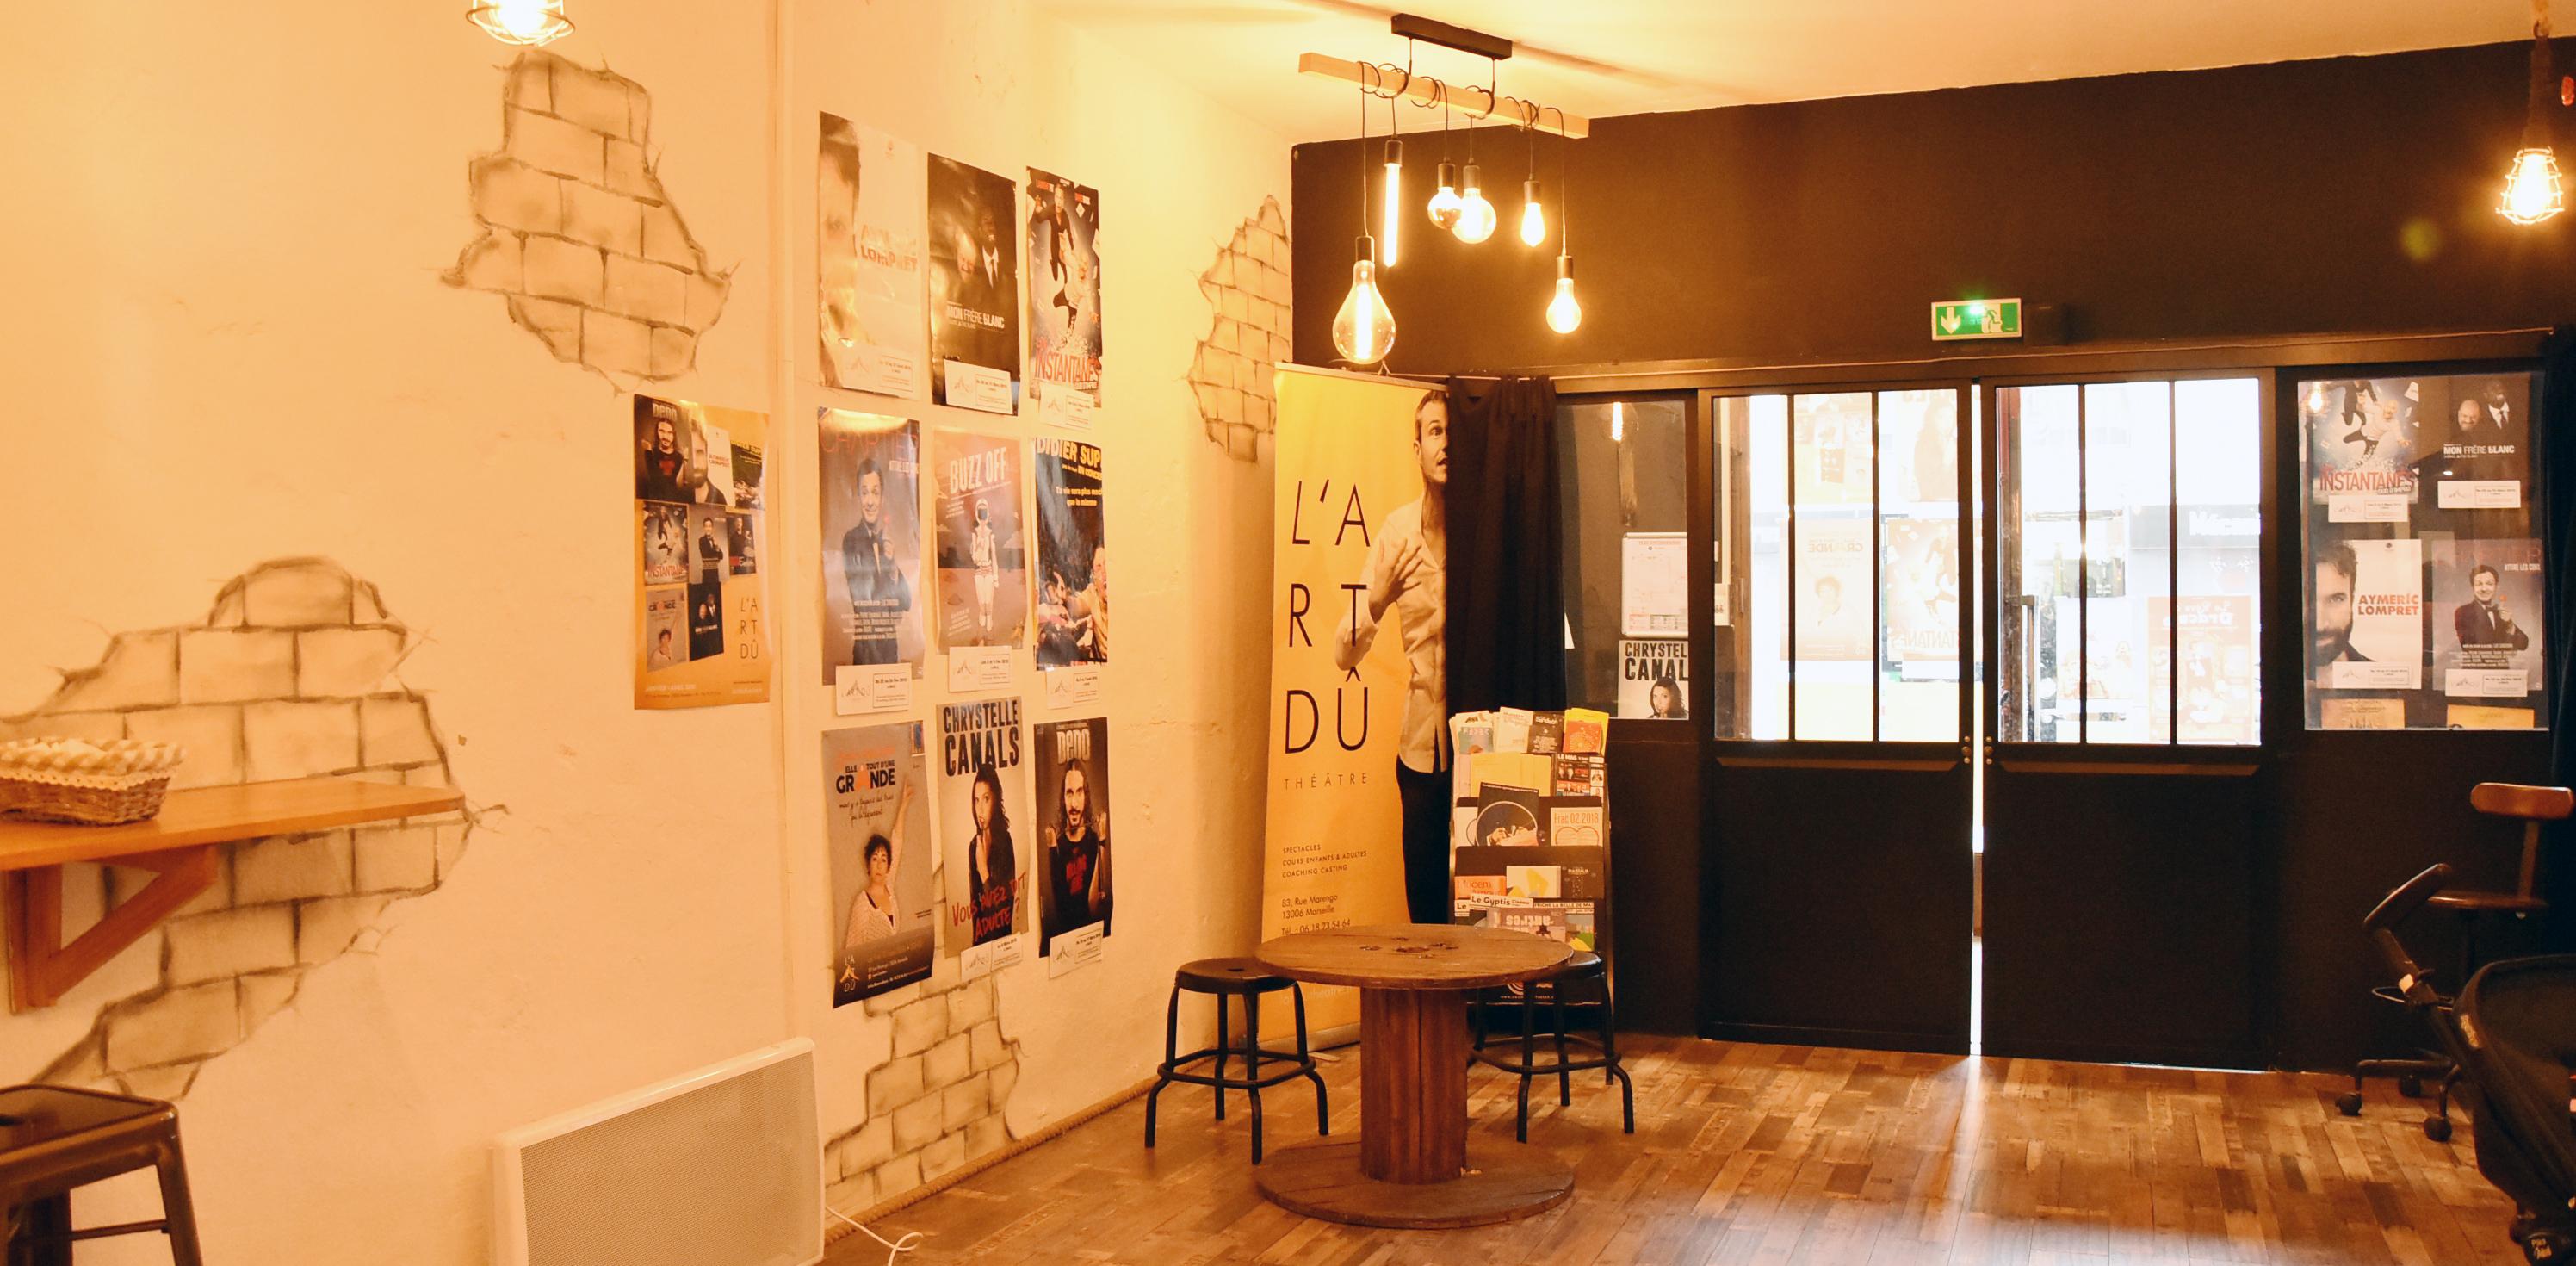 L'Art Dû théâtre, découverte du nouveau théâtre marseillais